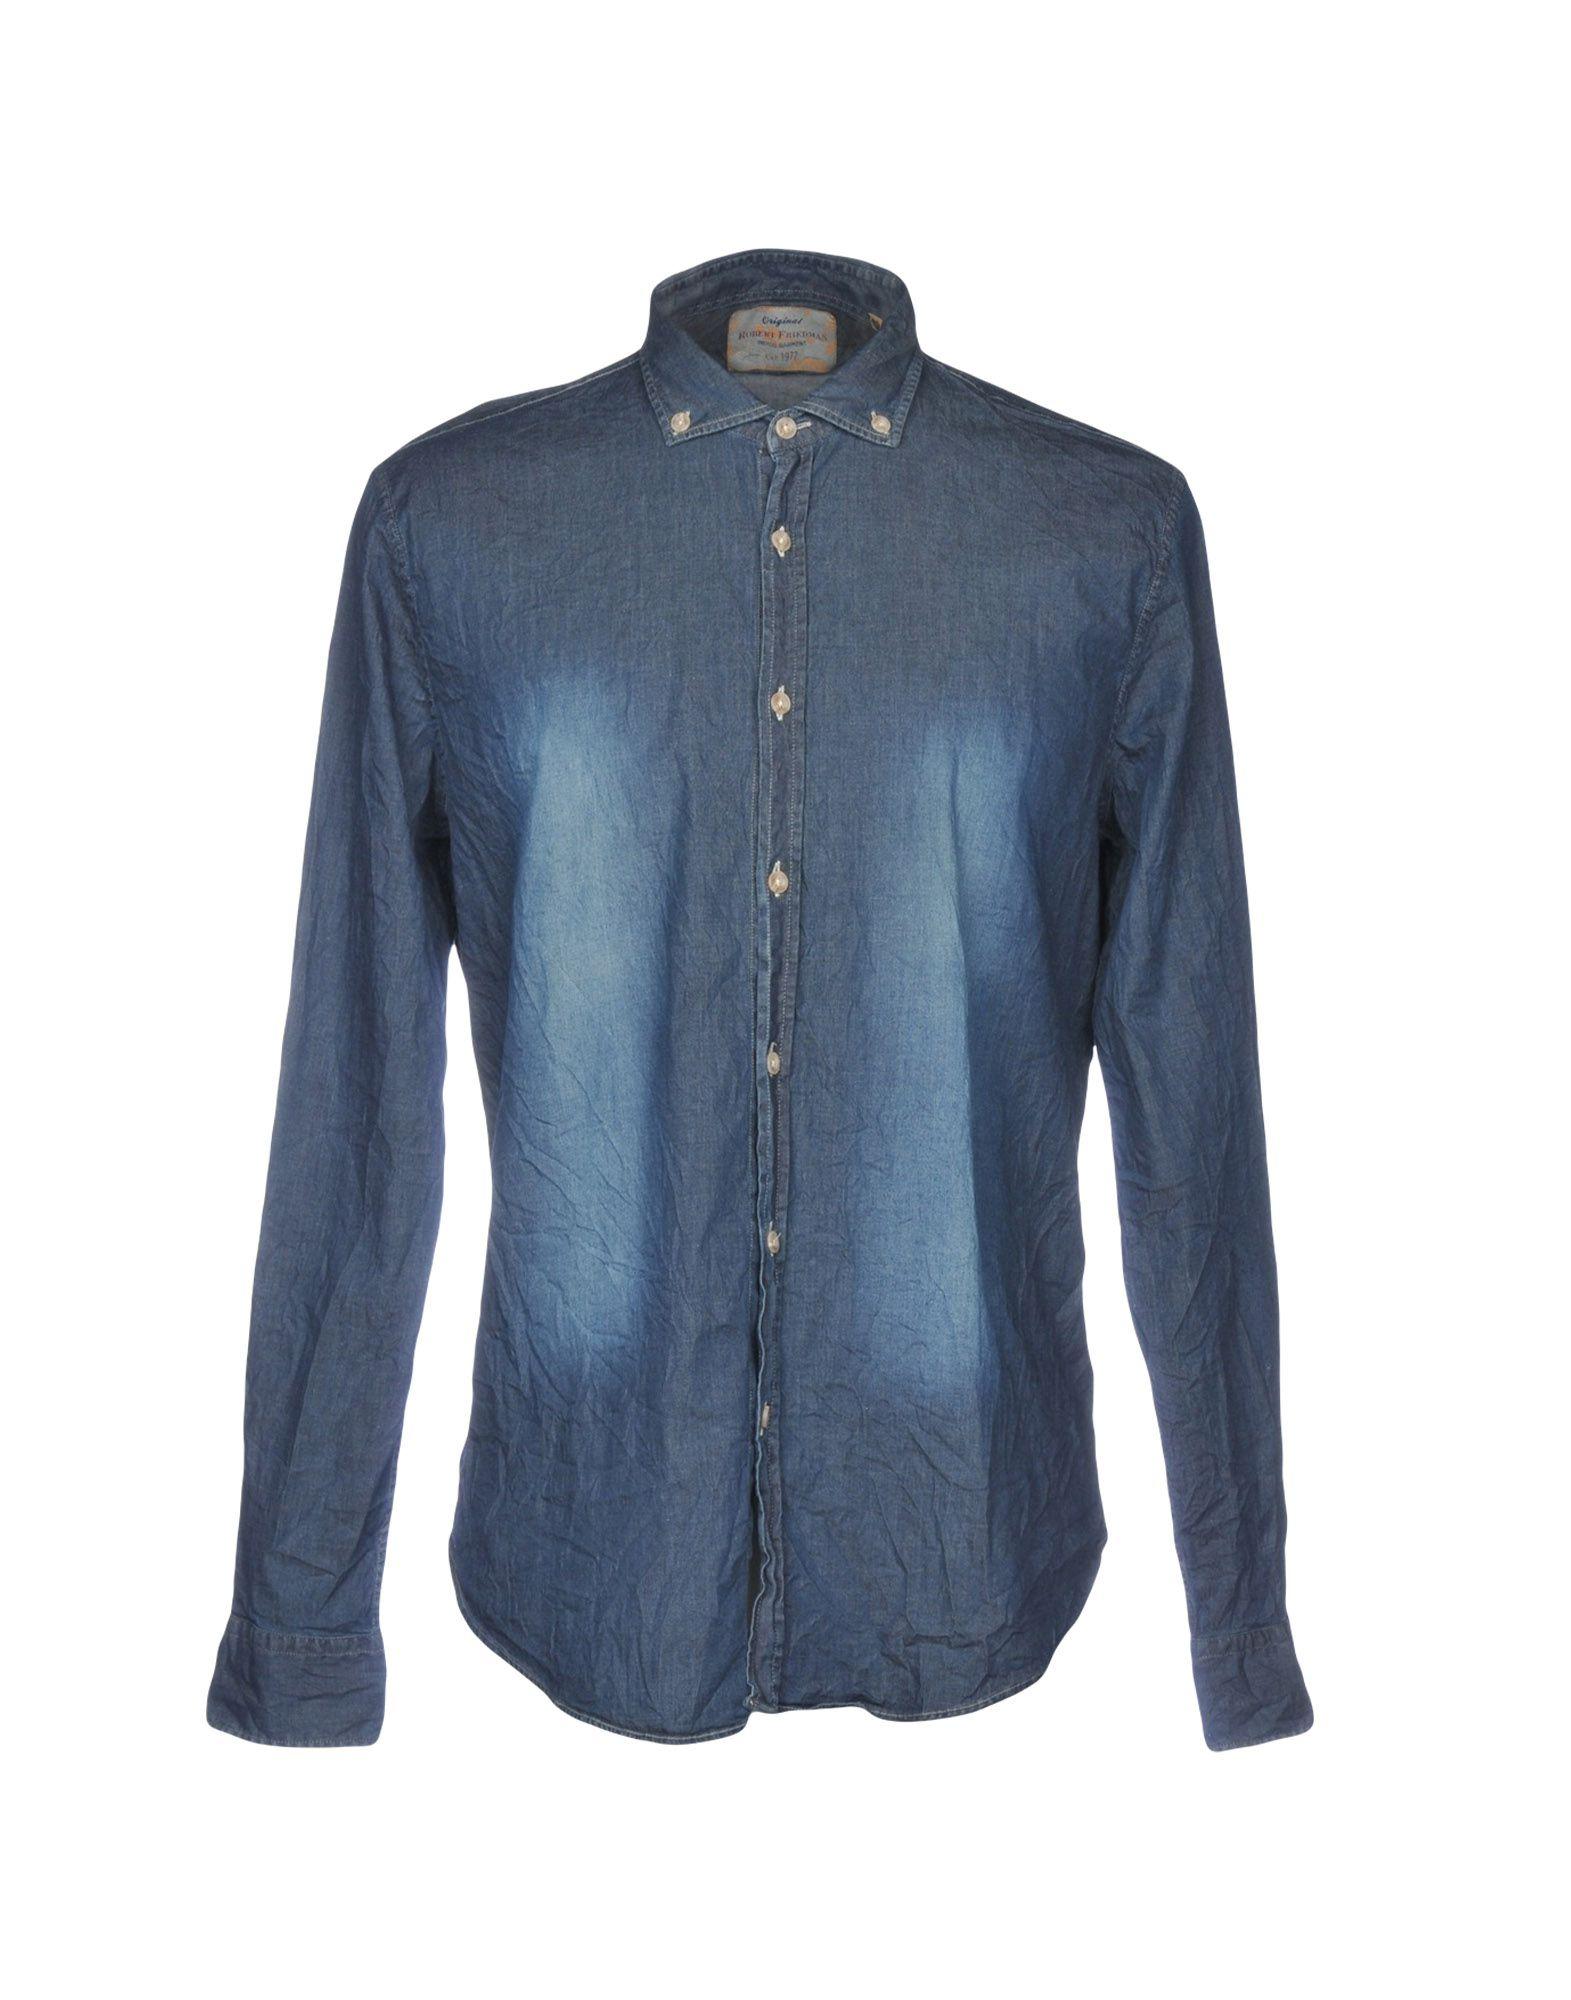 ROBERT FRIEDMAN Denim Shirt in Blue